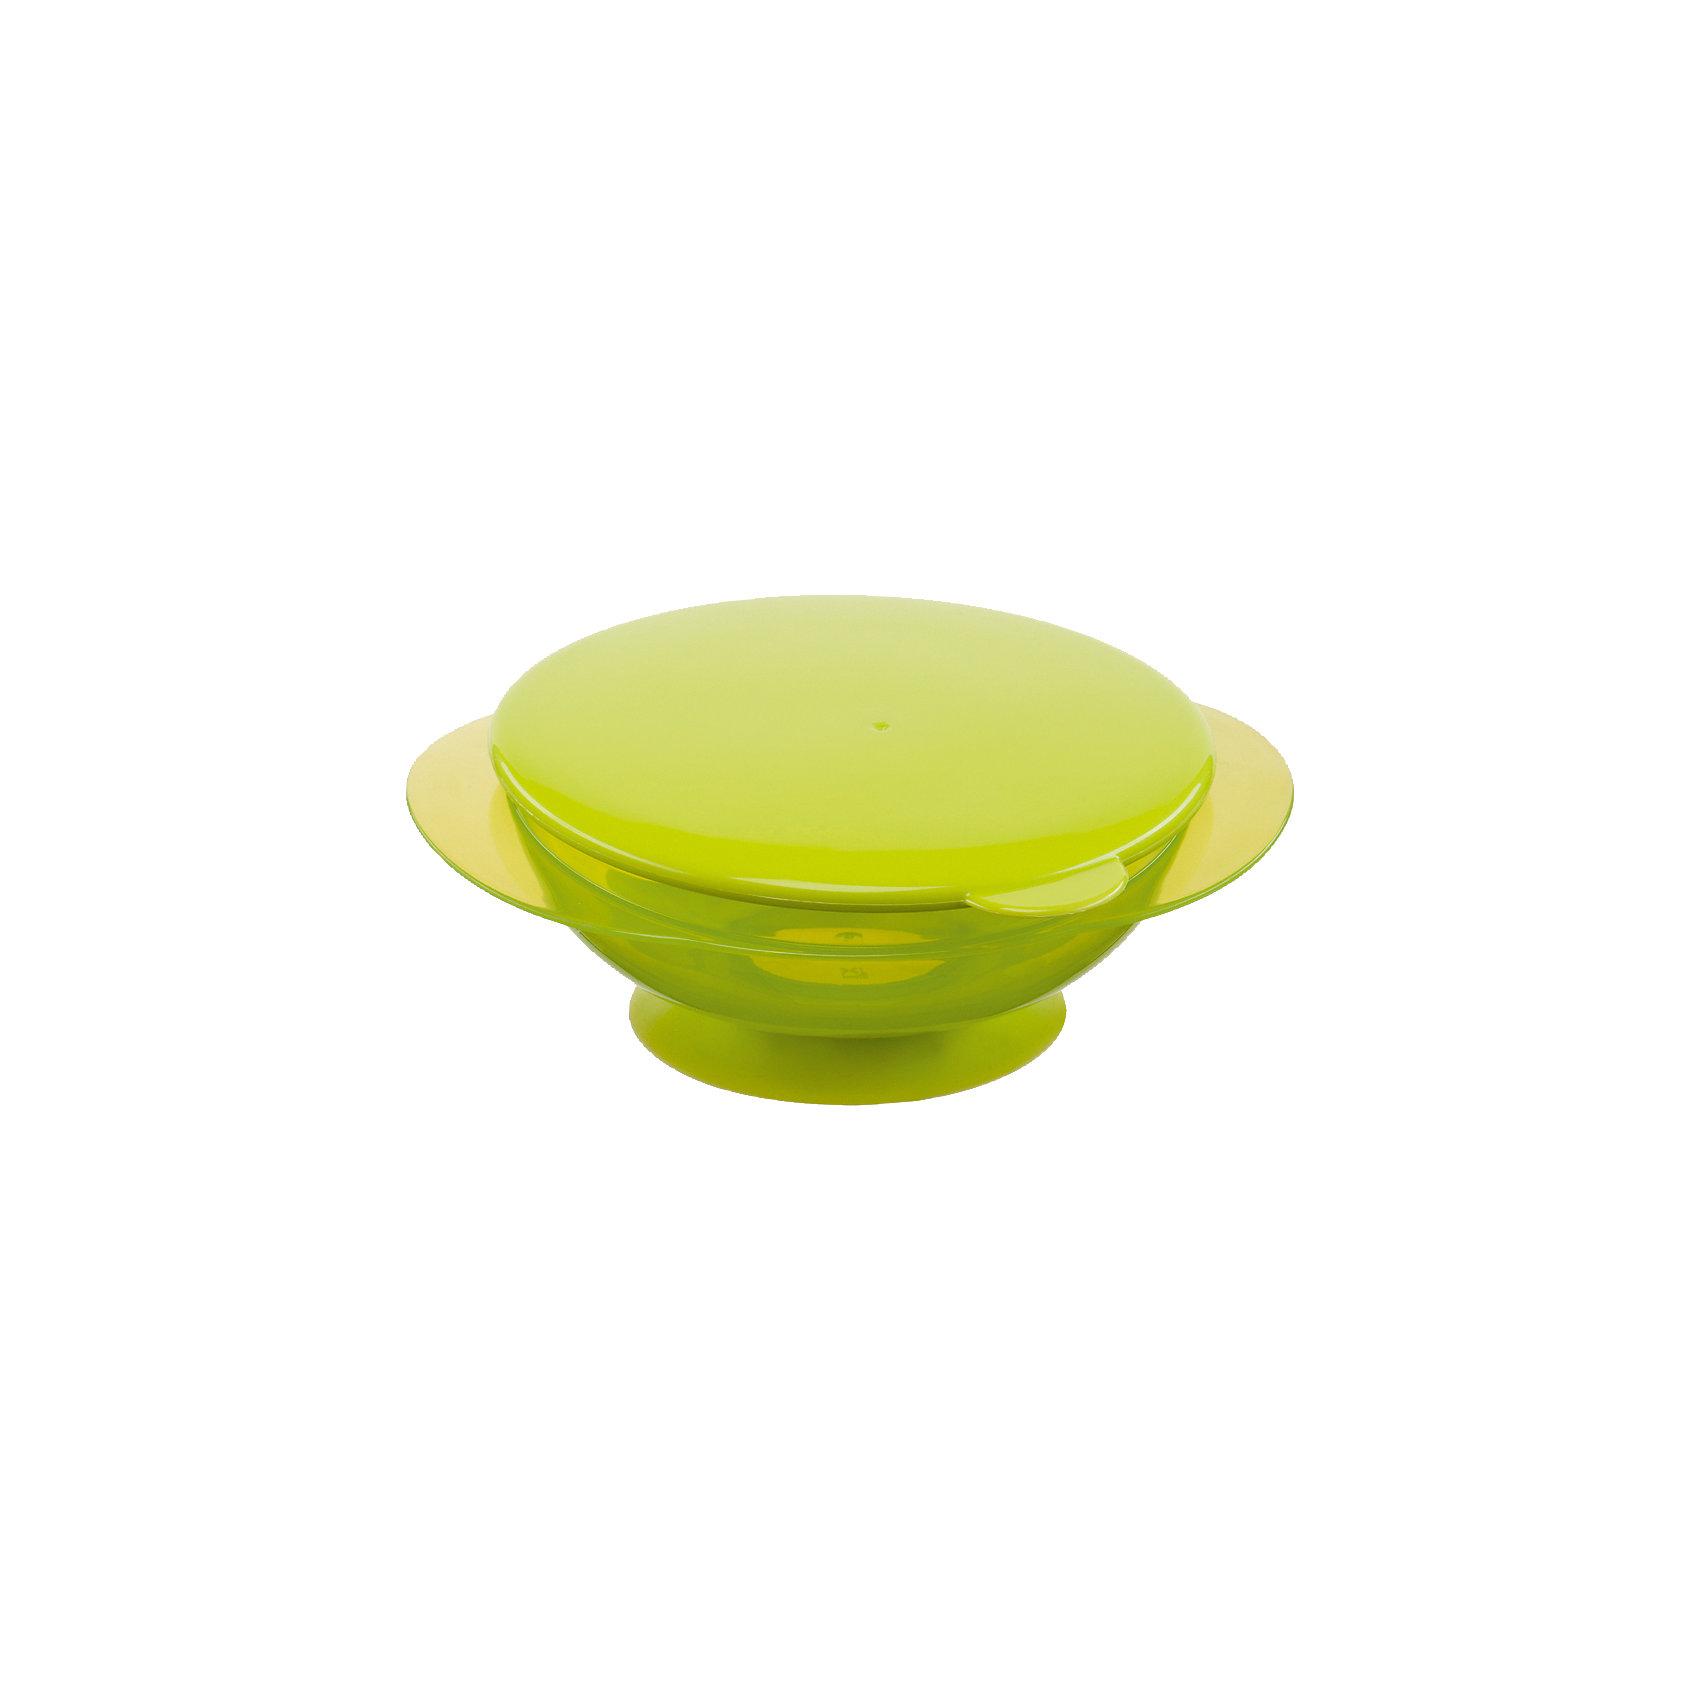 Тарелка на присоске с крышкой FEEDING BOWL, Happy Baby, лаймПосуда для малышей<br>Удобная тарелка на присоске станет незаменимым помощником во время кормления. Тарелка прочно крепится к поверхности стола, исключая опрокидывание, практичная крышка не позволит пище остыть.  Пластиковая посуда удобна и проста в использовании, она не бьется, поэтому идеально подходит для кормления малышей. Тарелка Feedin Bowl выполнена из высококачественных экологичных материалов абсолютно безопасных для детей. <br><br> В товар входит:<br>-тарелка<br>-крышка<br><br>Дополнительная информация:<br><br>- Материал: полипропилен, термопластичный эластомер<br>- Размер: 7х17х15 см. <br>- Герметичная крышка.<br>- Нескользящее дно с присоской.<br>- Удобные ручки.<br>- Не подходит для использования в СВЧ.<br>-Цвет: лайм<br>-Бренд: Happy Baby (Хеппи Беби)<br><br>Тарелку на присоске с крышкой FEEDING BOWL, Happy Baby (Хеппи Беби), можно купить в нашем магазине.<br><br>Ширина мм: 65<br>Глубина мм: 170<br>Высота мм: 205<br>Вес г: 106<br>Возраст от месяцев: 8<br>Возраст до месяцев: 36<br>Пол: Унисекс<br>Возраст: Детский<br>SKU: 5003643